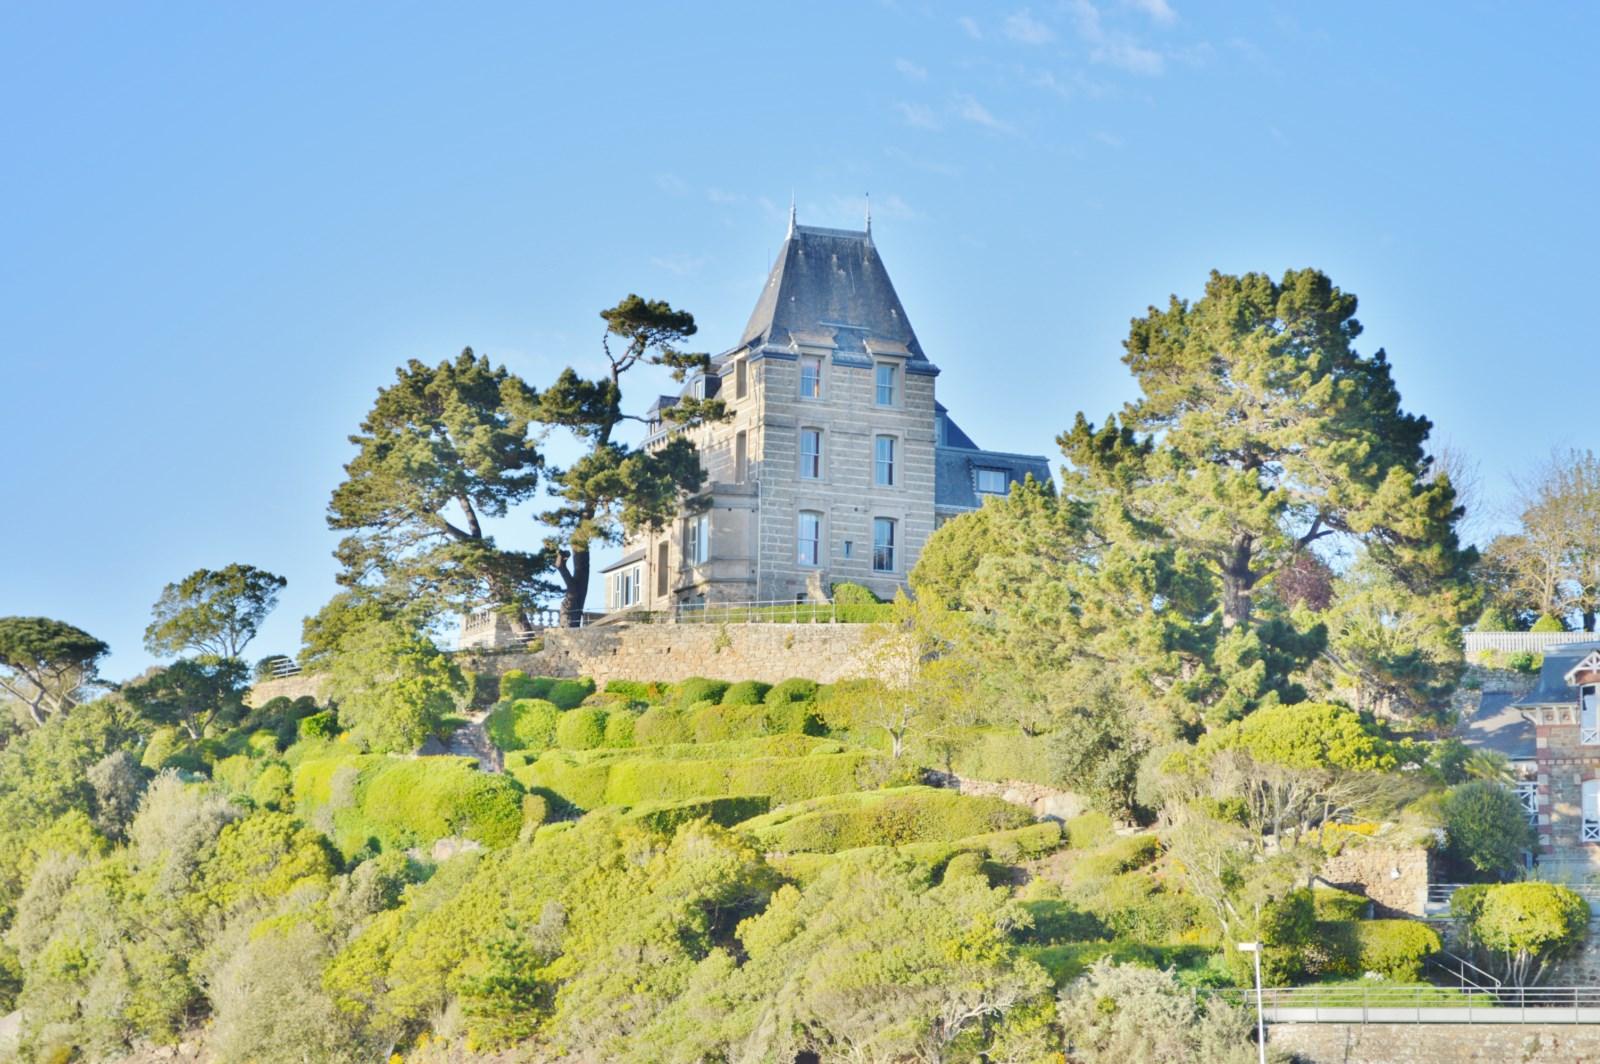 maison de villégiature balnéaire dite villa de Mortemart, puis dite villa Saint-Germain par Patrice